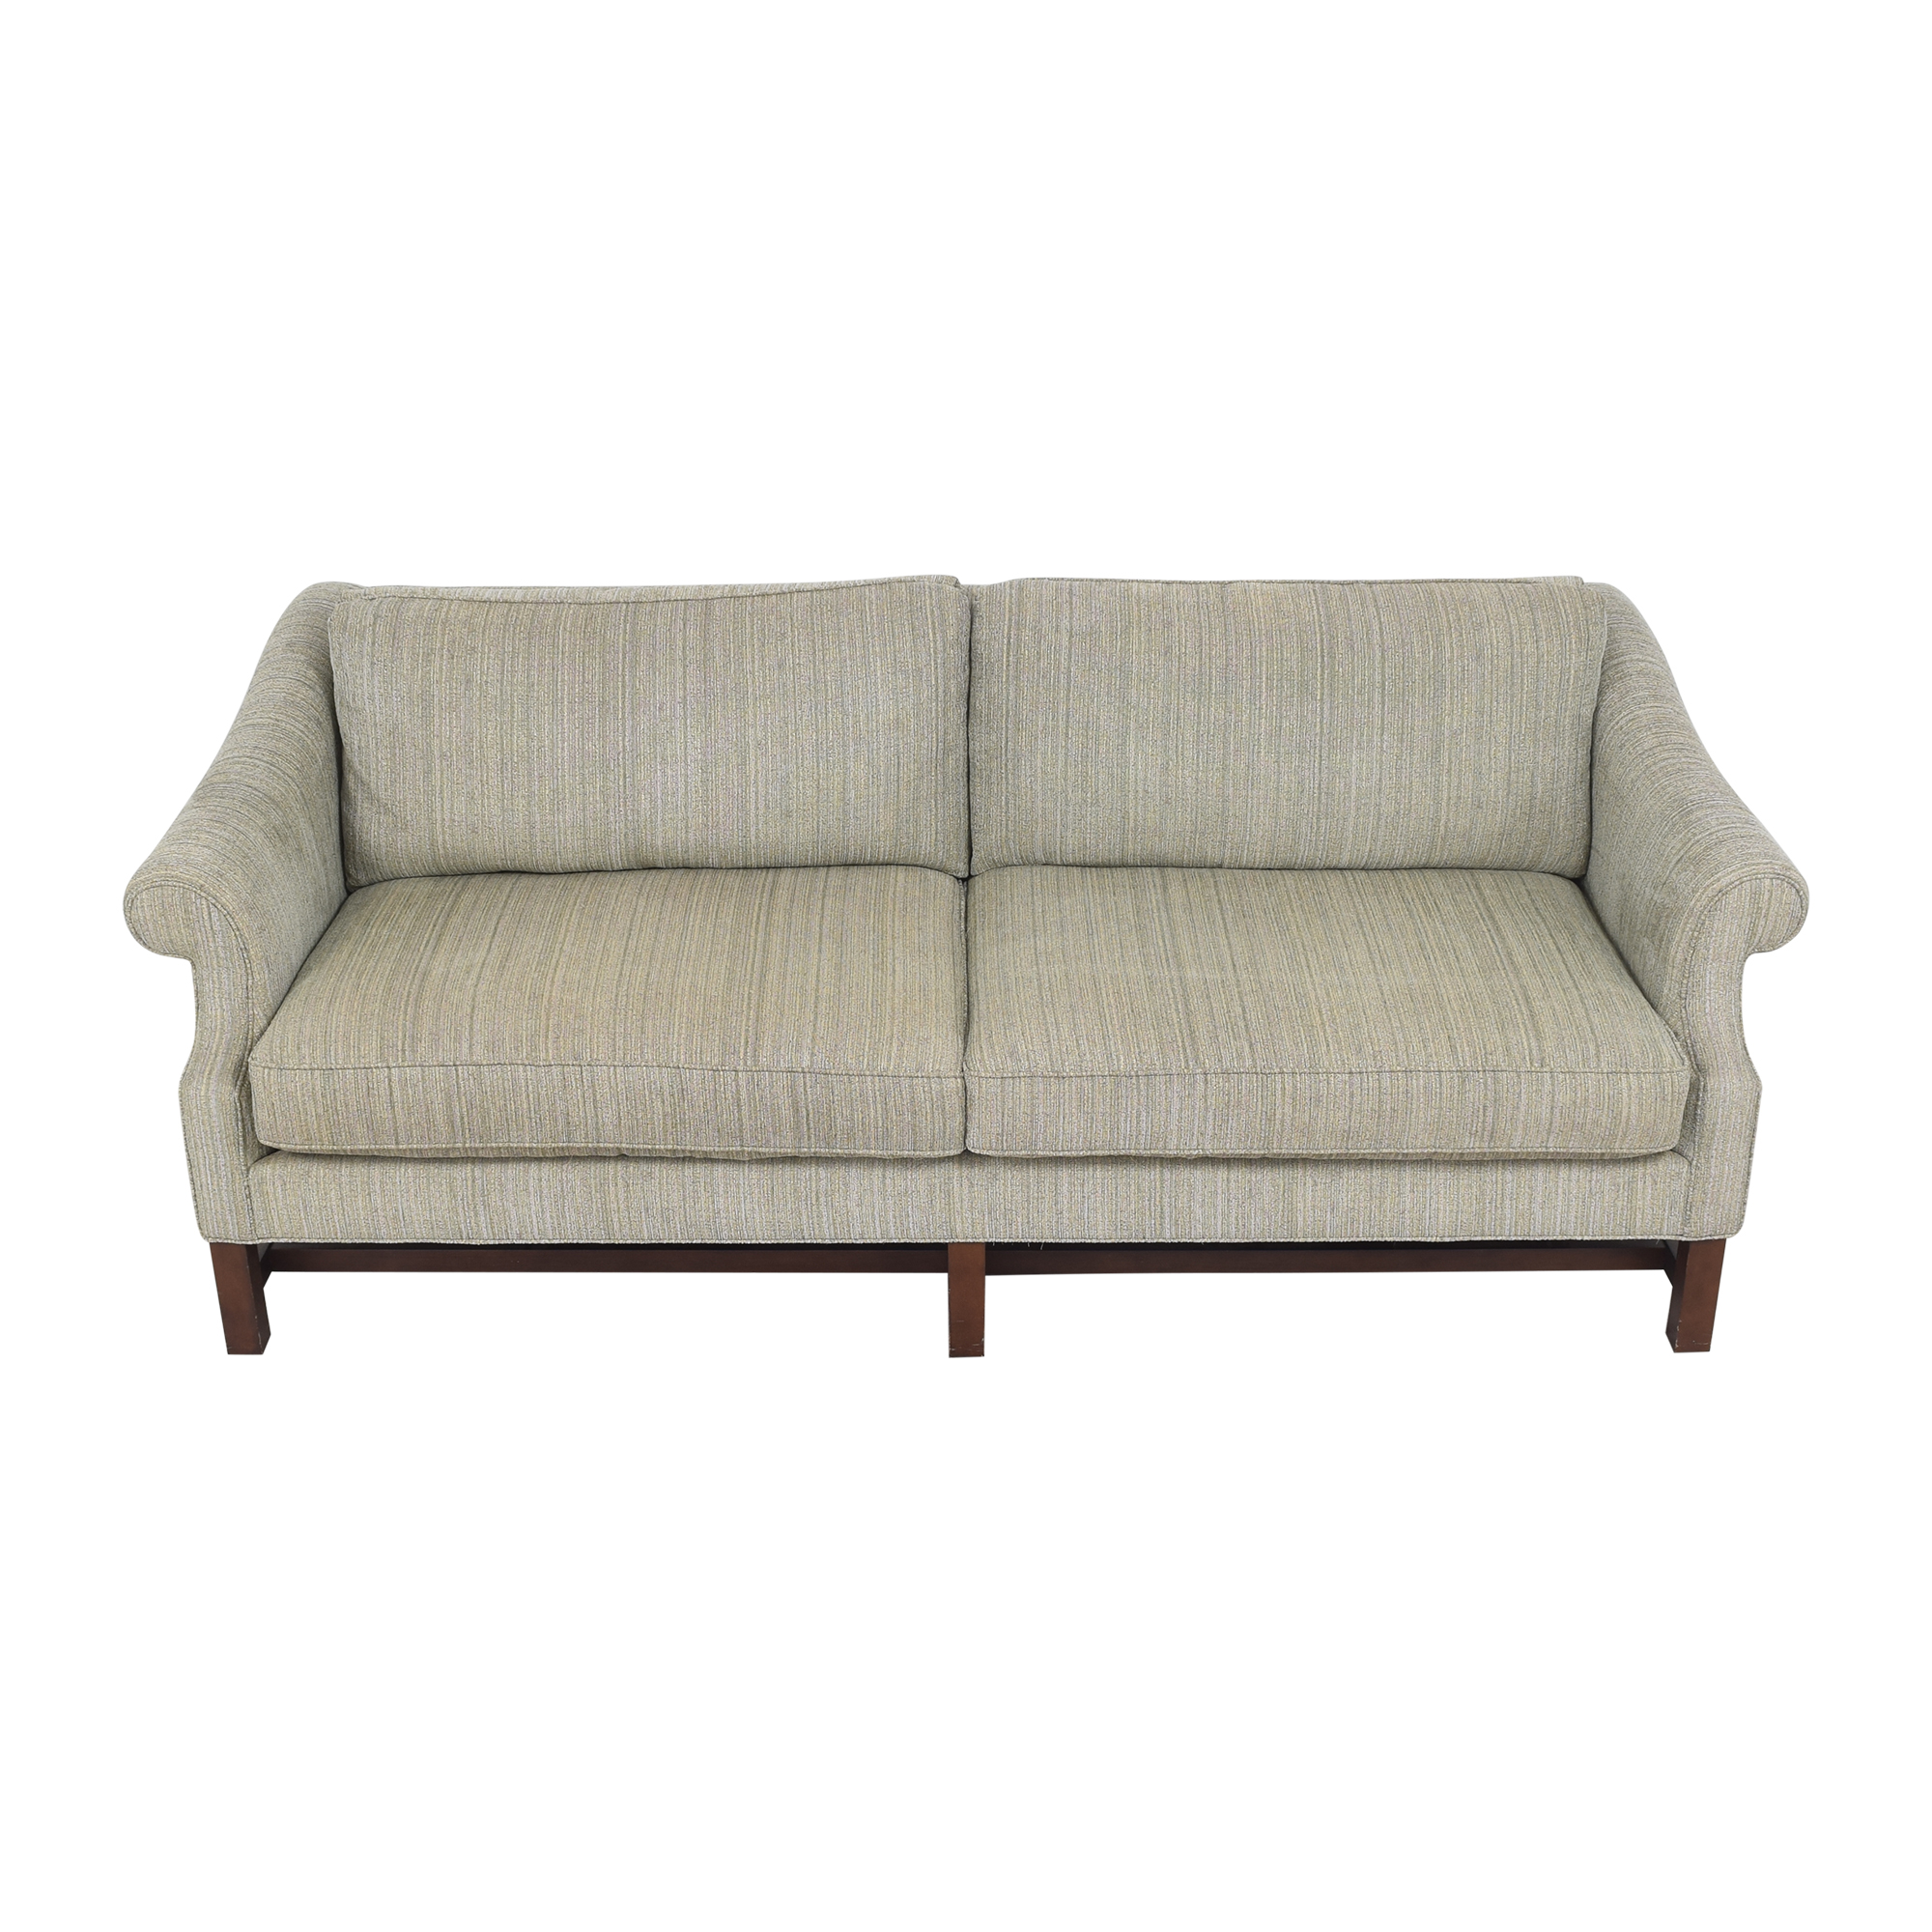 Martha Stewart Home Martha Stewart Home Signature Collection Sofa by Bernhardt price